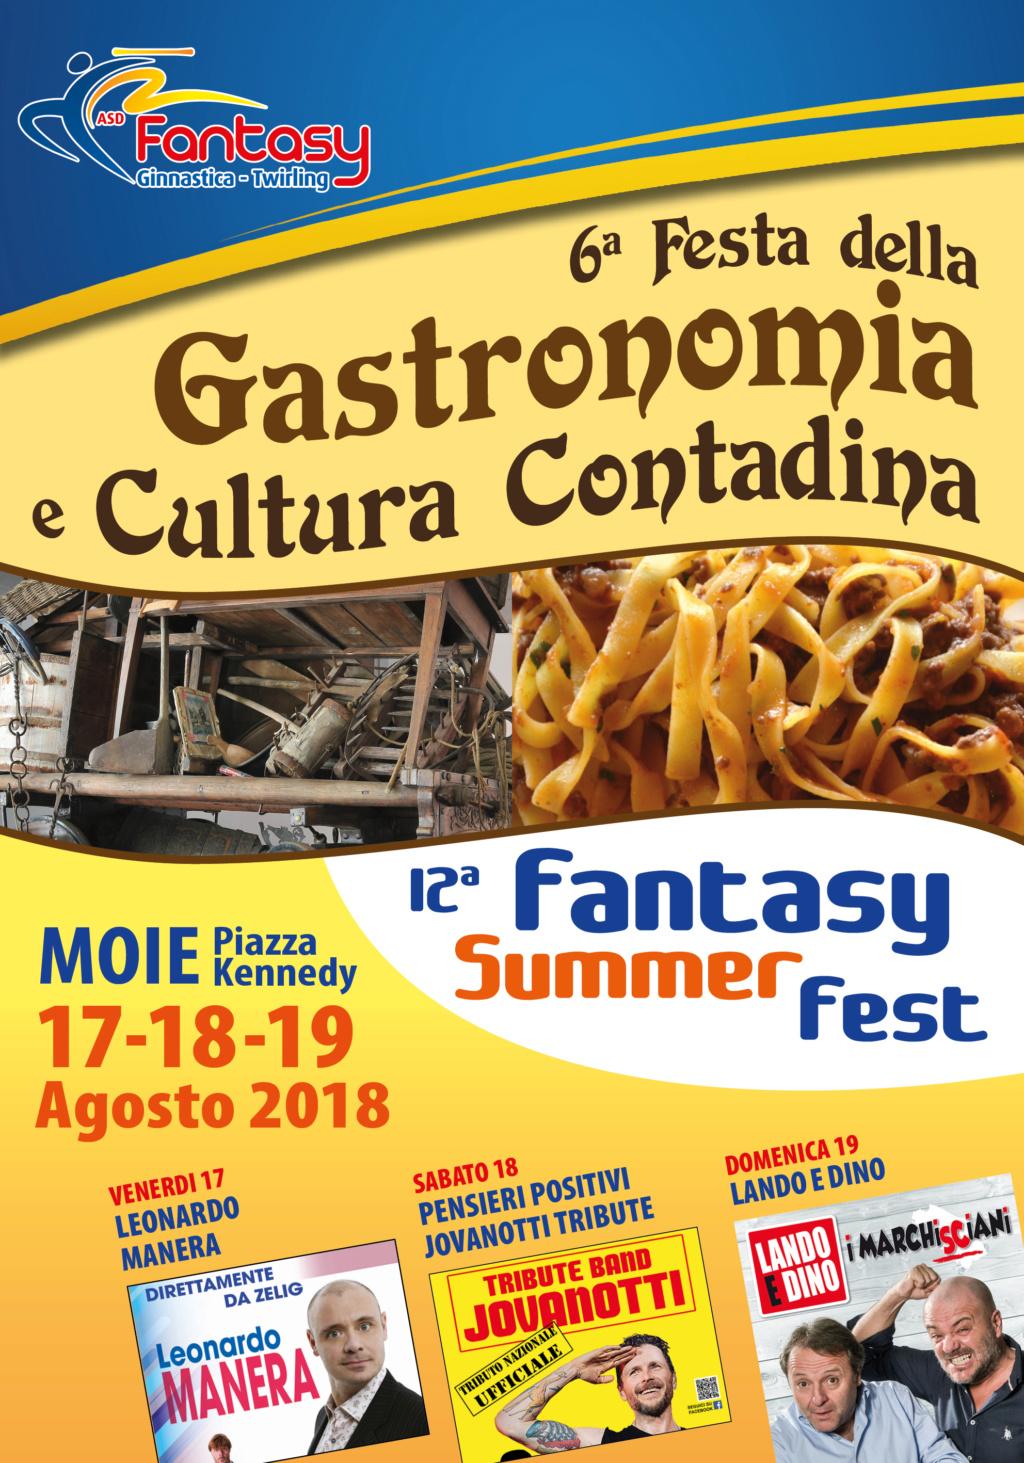 FESTA DELLA GASTRONOMIA E CULTURA CONTADINA FANTASY SUMMER FEST Fantas10